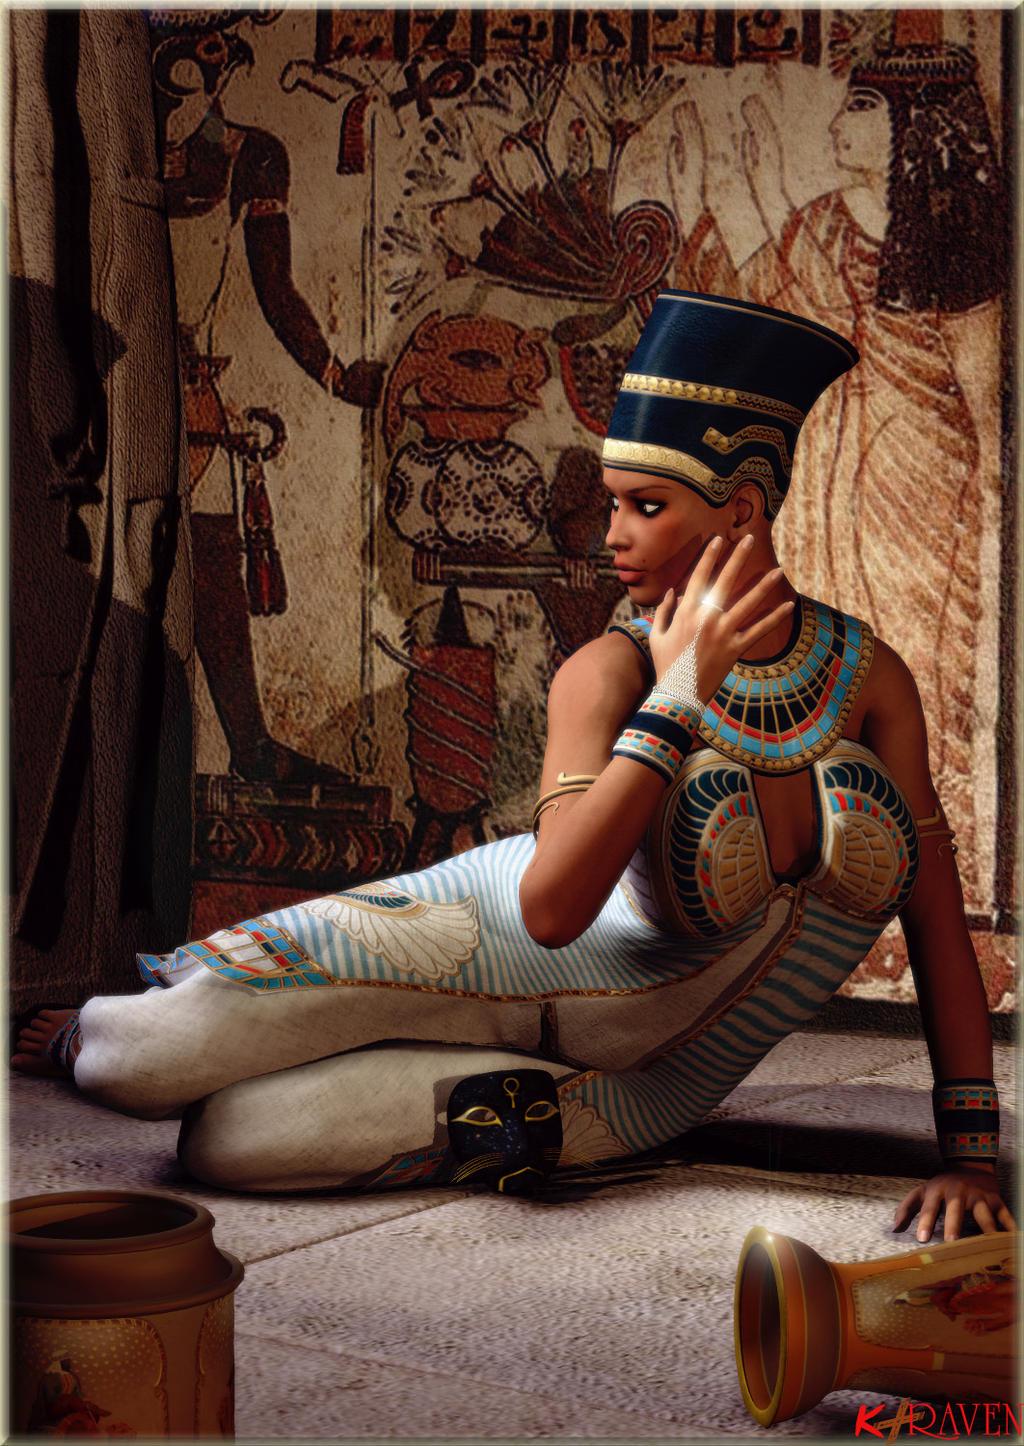 http://fc04.deviantart.net/fs40/i/2009/120/1/f/Nefertiti__Queen_of_Egypt_by_K_raven.jpg